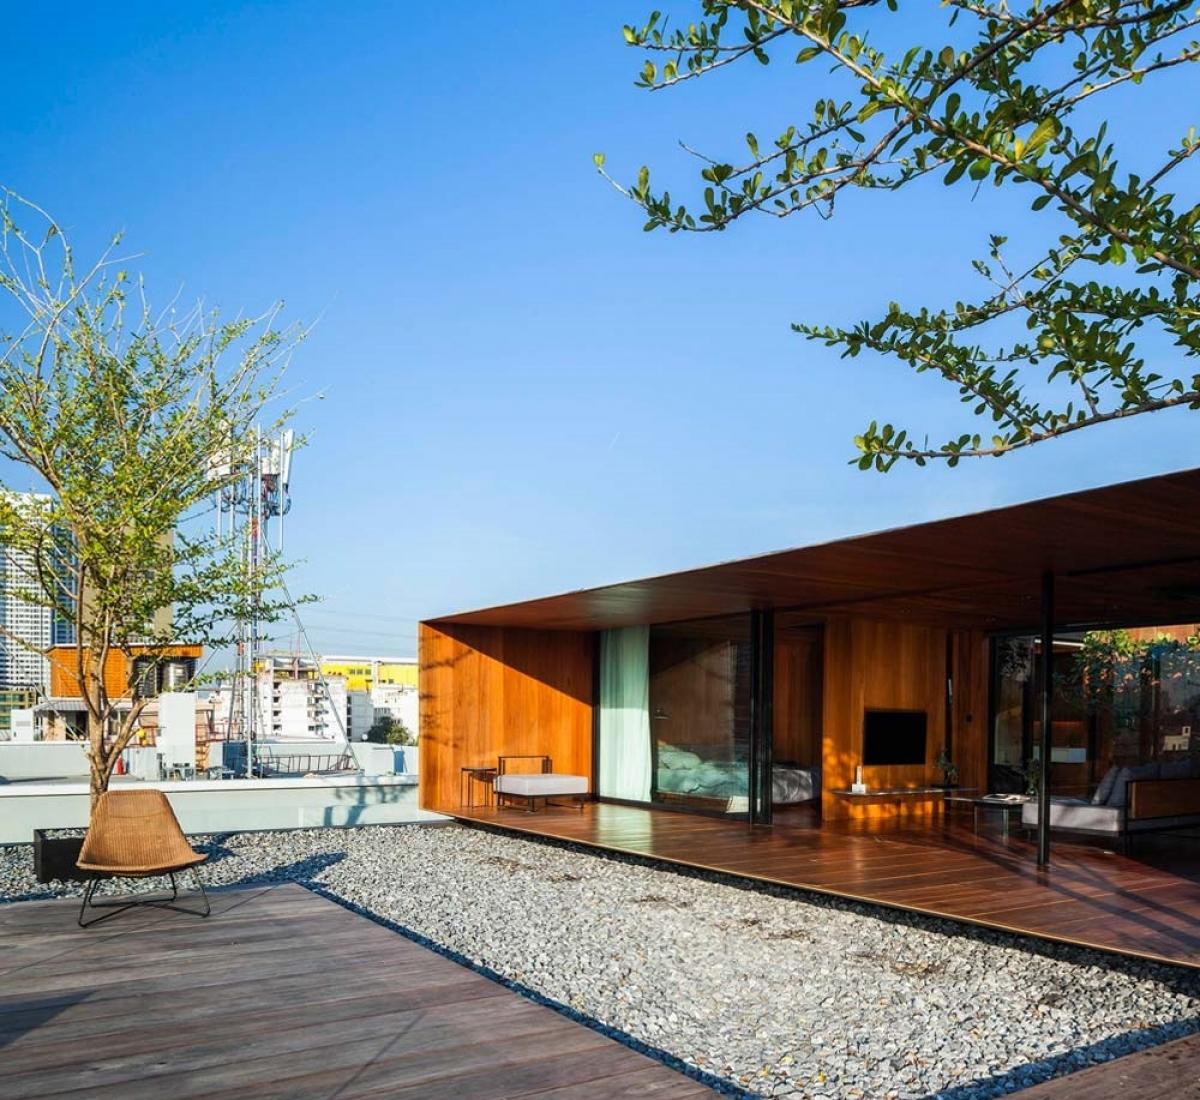 Ngôi nhà nằm trên sân thượng chung cư tầng 5. Với thiết kế theo phong cách hình hộp mang đến người xem một không gian lạ mắt, hiện đại, từ vật liệu chính là gỗ và cây xanh góp phần nên một căn nhà hoàn thiện, ấm áp và trong lành.